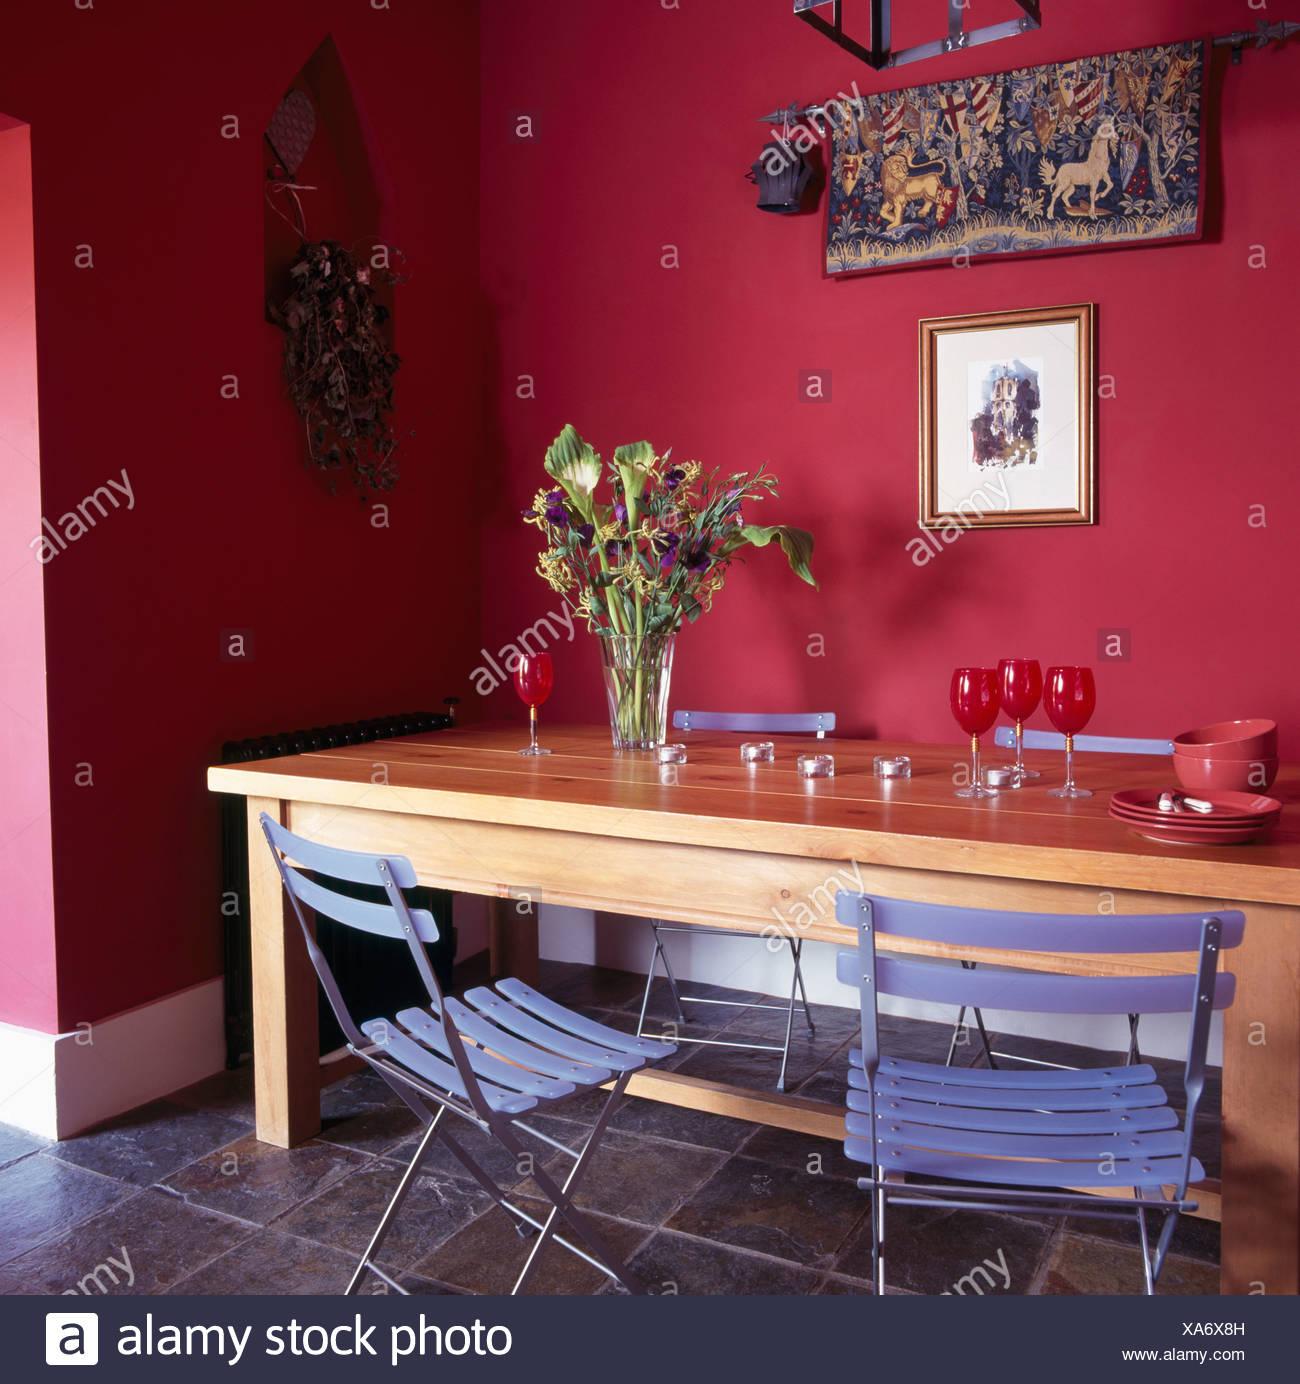 Ikea sillas de plástico plegables azul en la sencilla mesa de madera ...